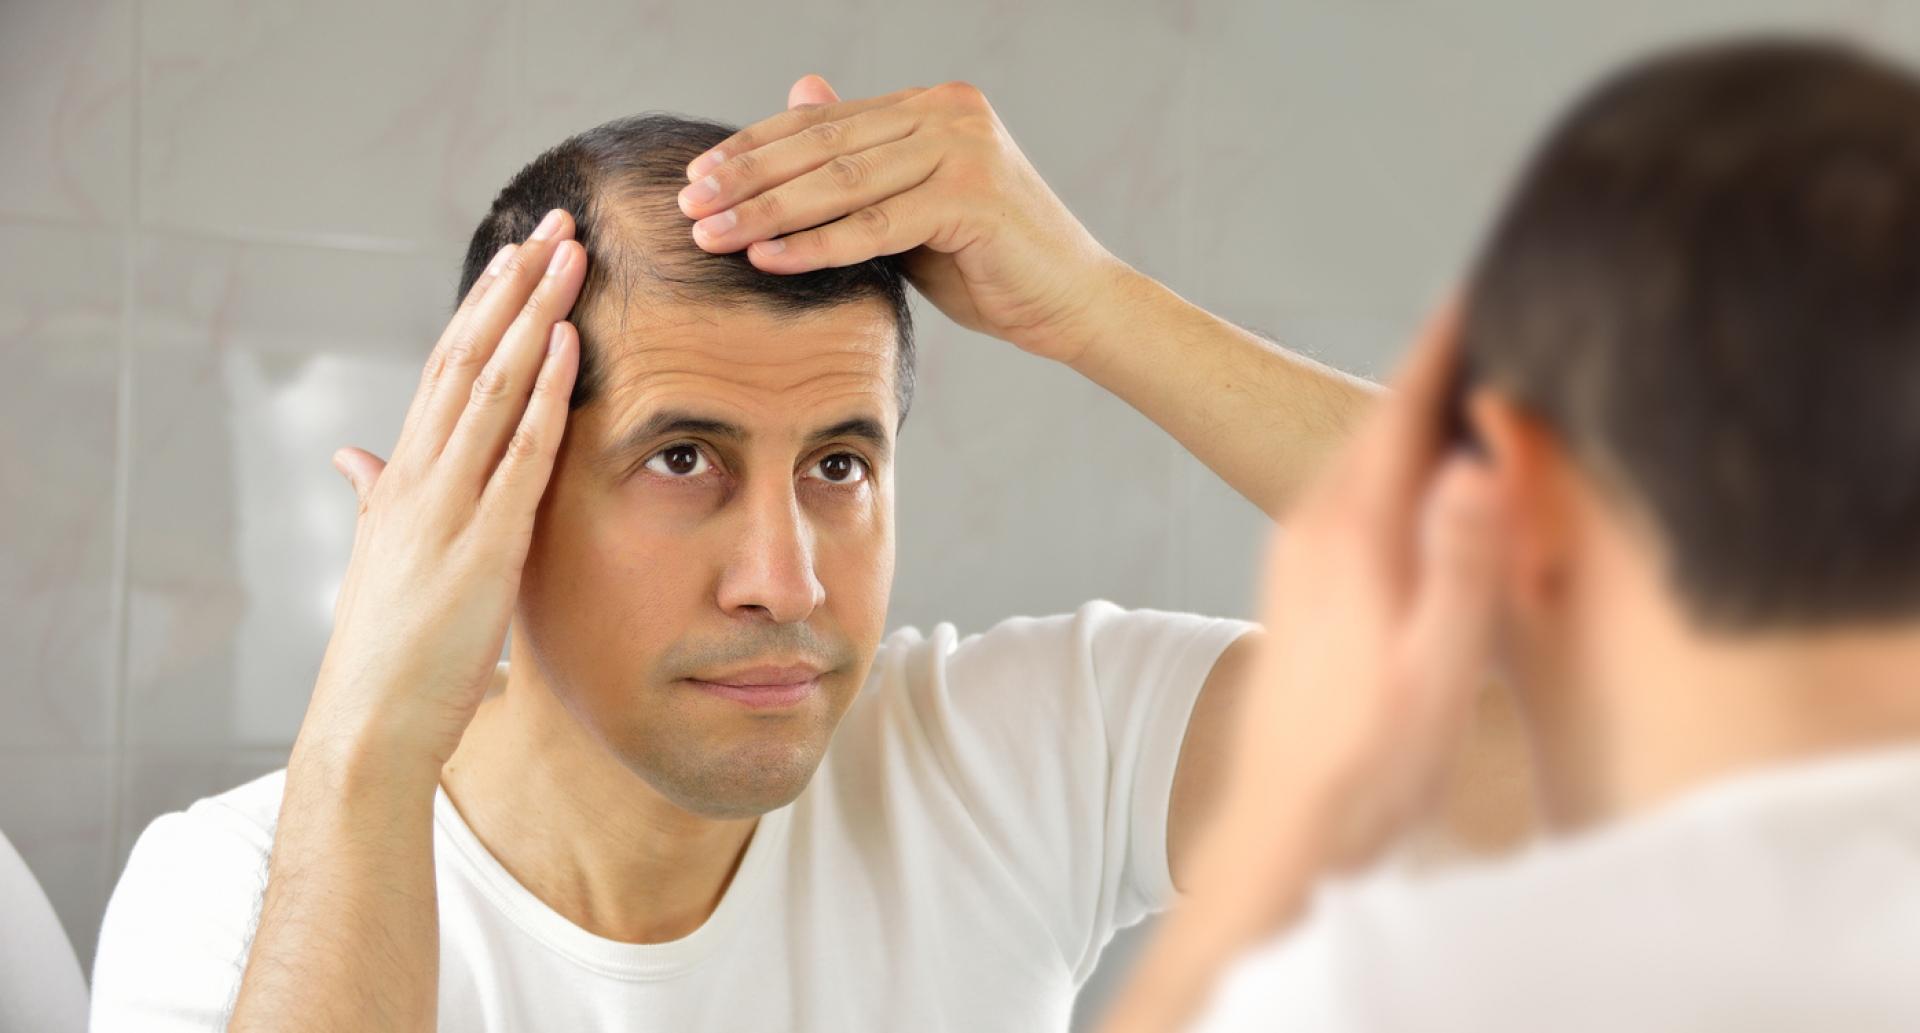 Cât e normal să cadă părul? Unde începe îngrijorarea?